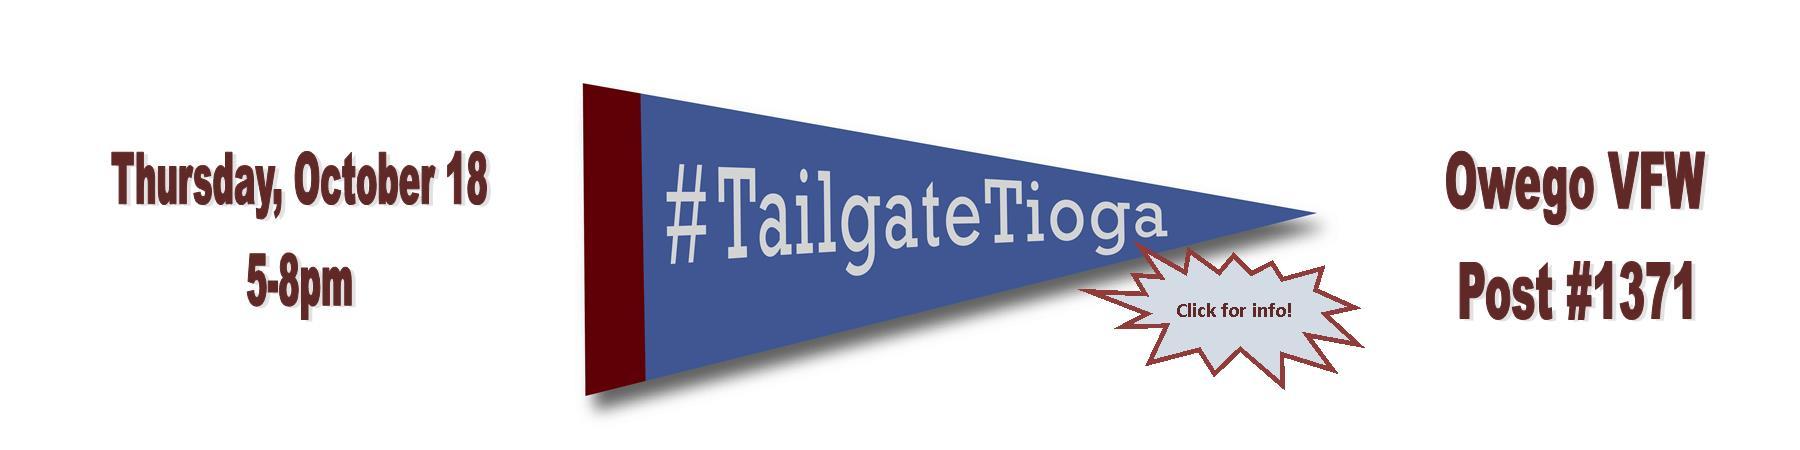 Tailgate-slider.jpg